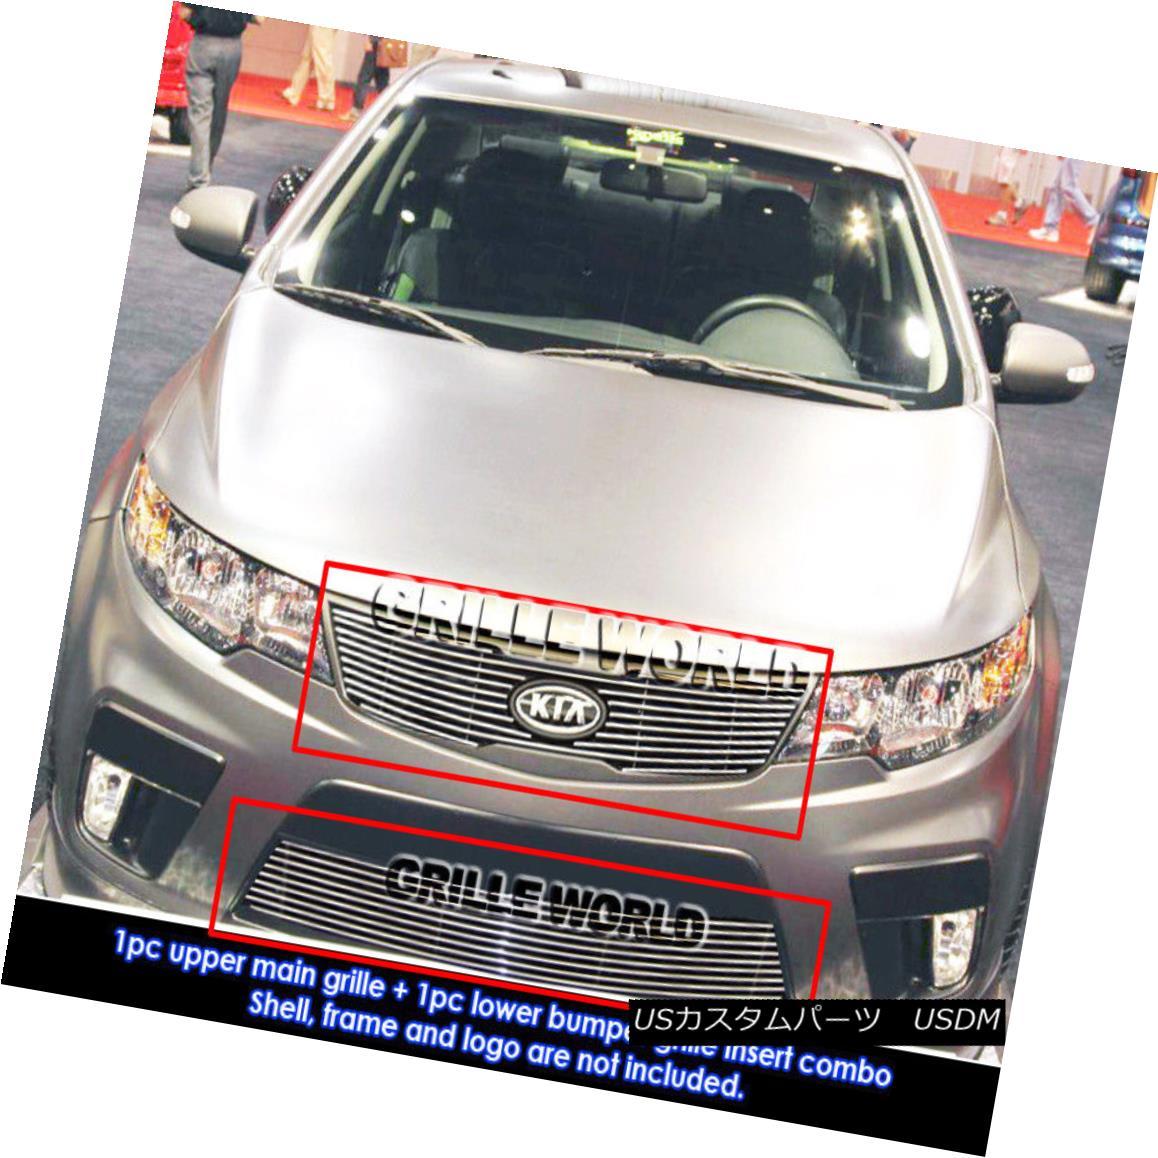 グリル Fits 2010-2012 Kia Forte Koup Billet Grille Grill Combo Insert フィット2010-2012キアフォルテクープビレットグリルグリルコンボインサート